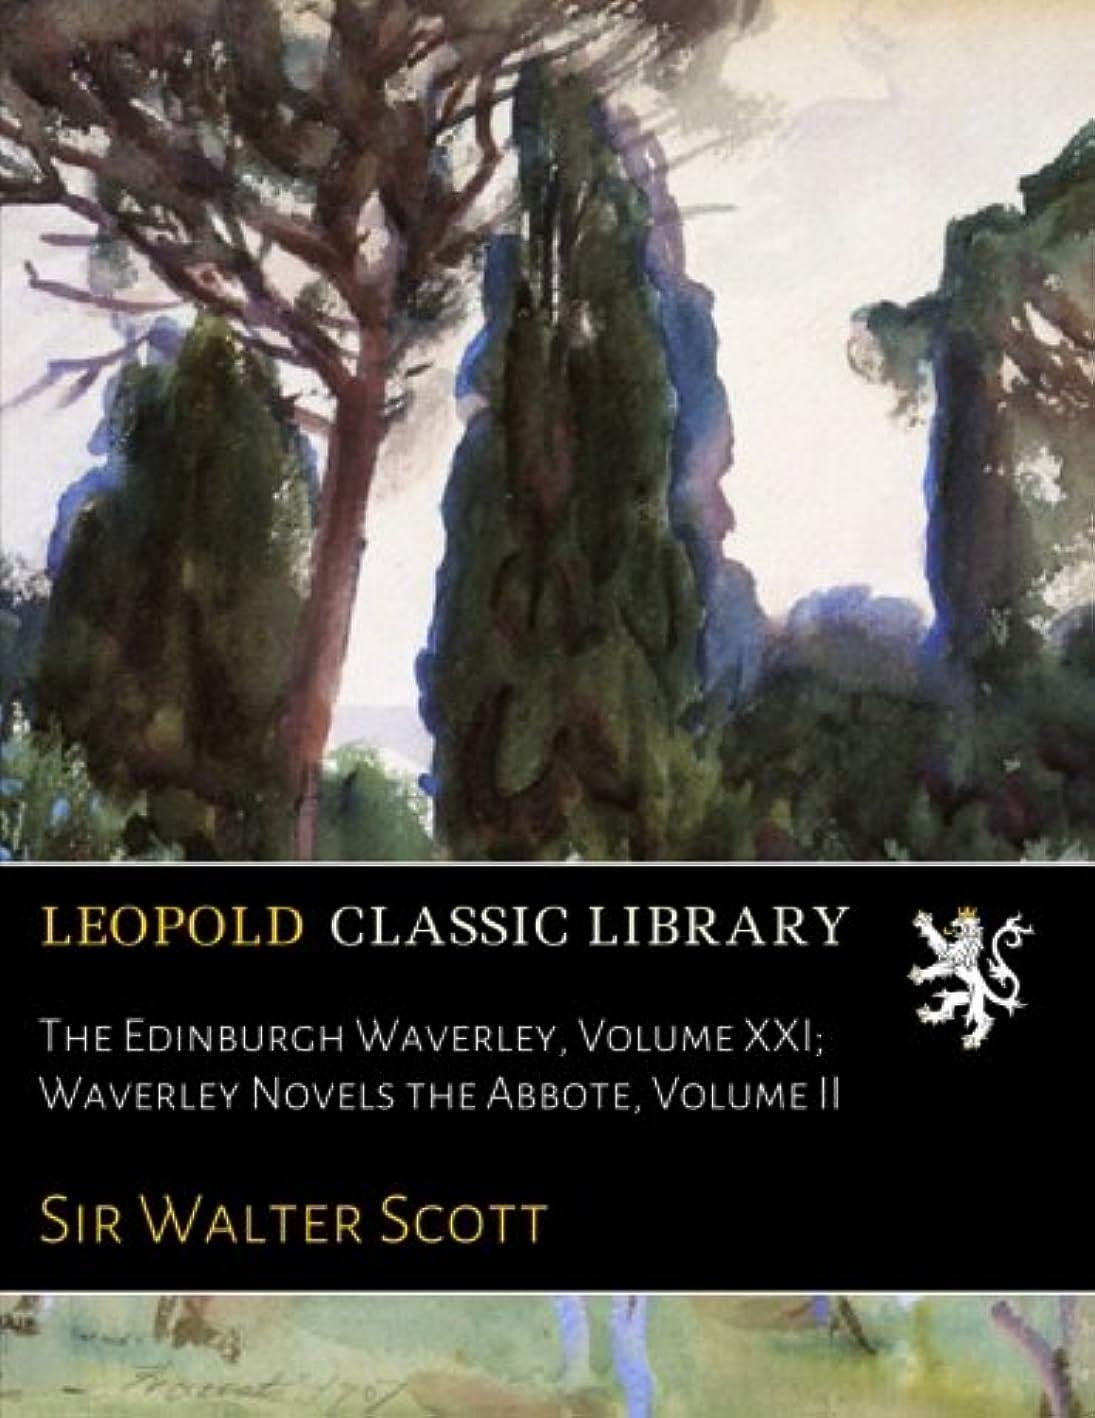 プレビュージョージハンブリー膜The Edinburgh Waverley, Volume XXI; Waverley Novels the Abbote, Volume II